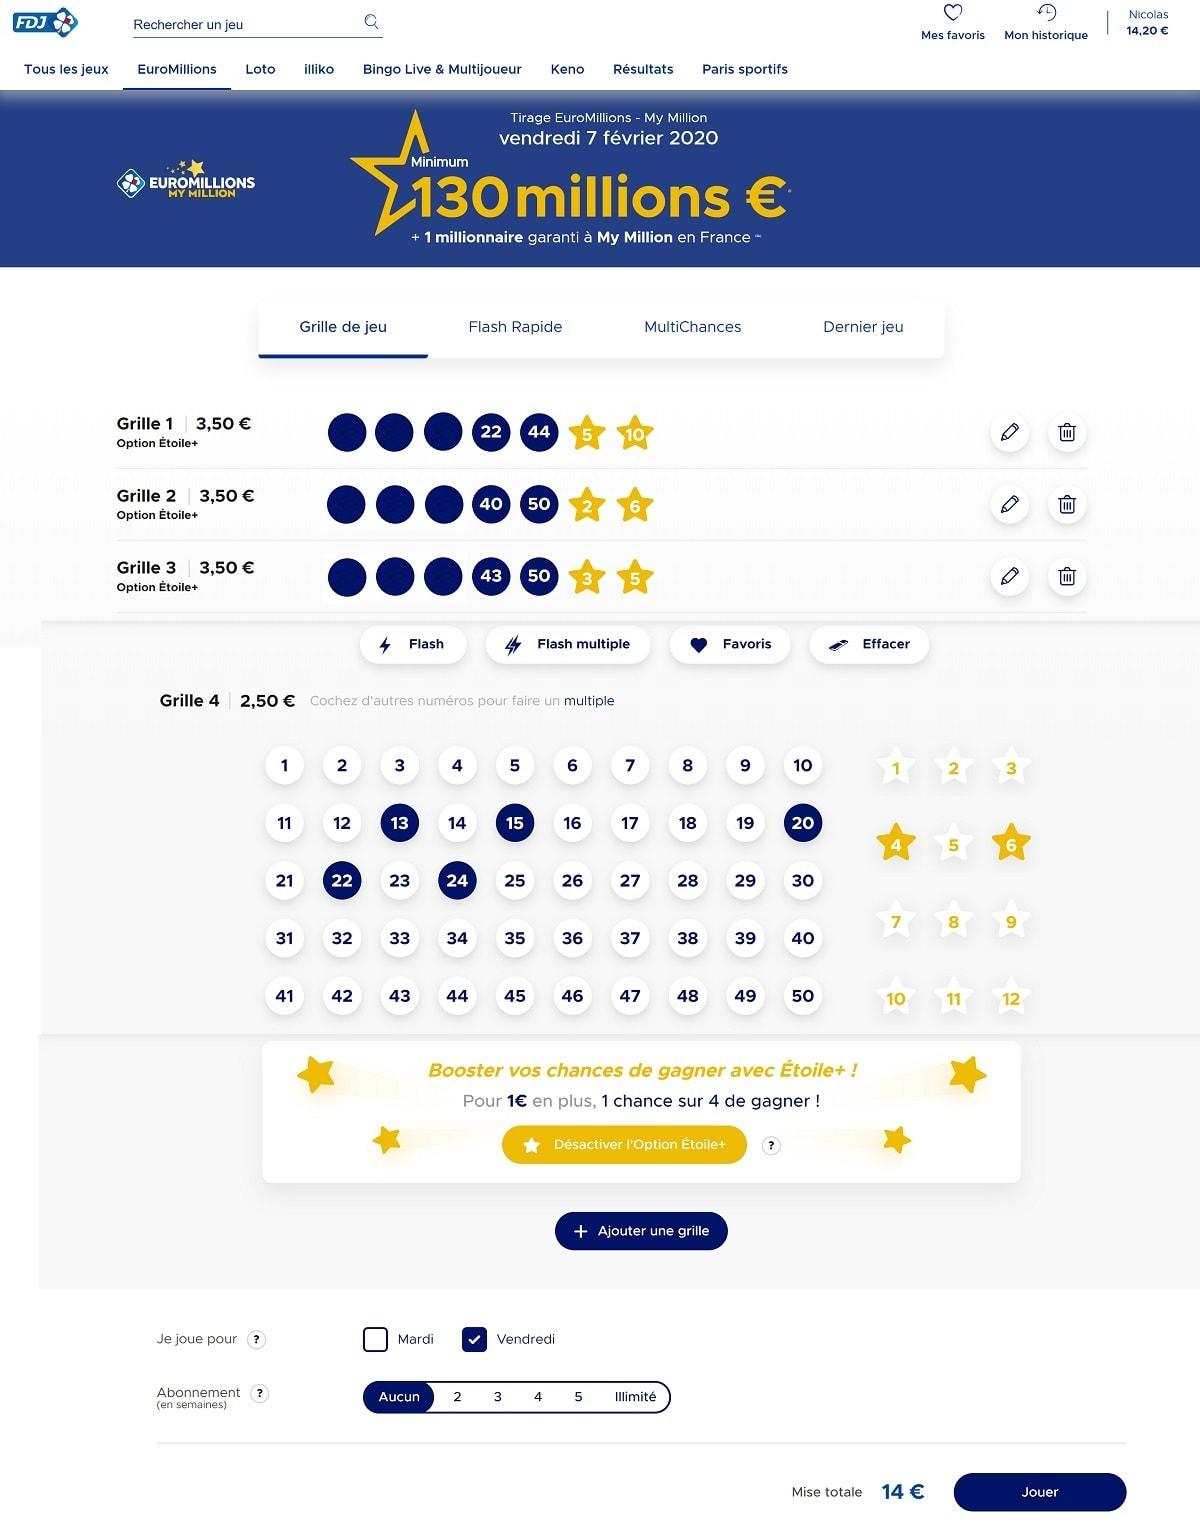 Choisissez vos numéros Euromillions pour le 7 février 2020